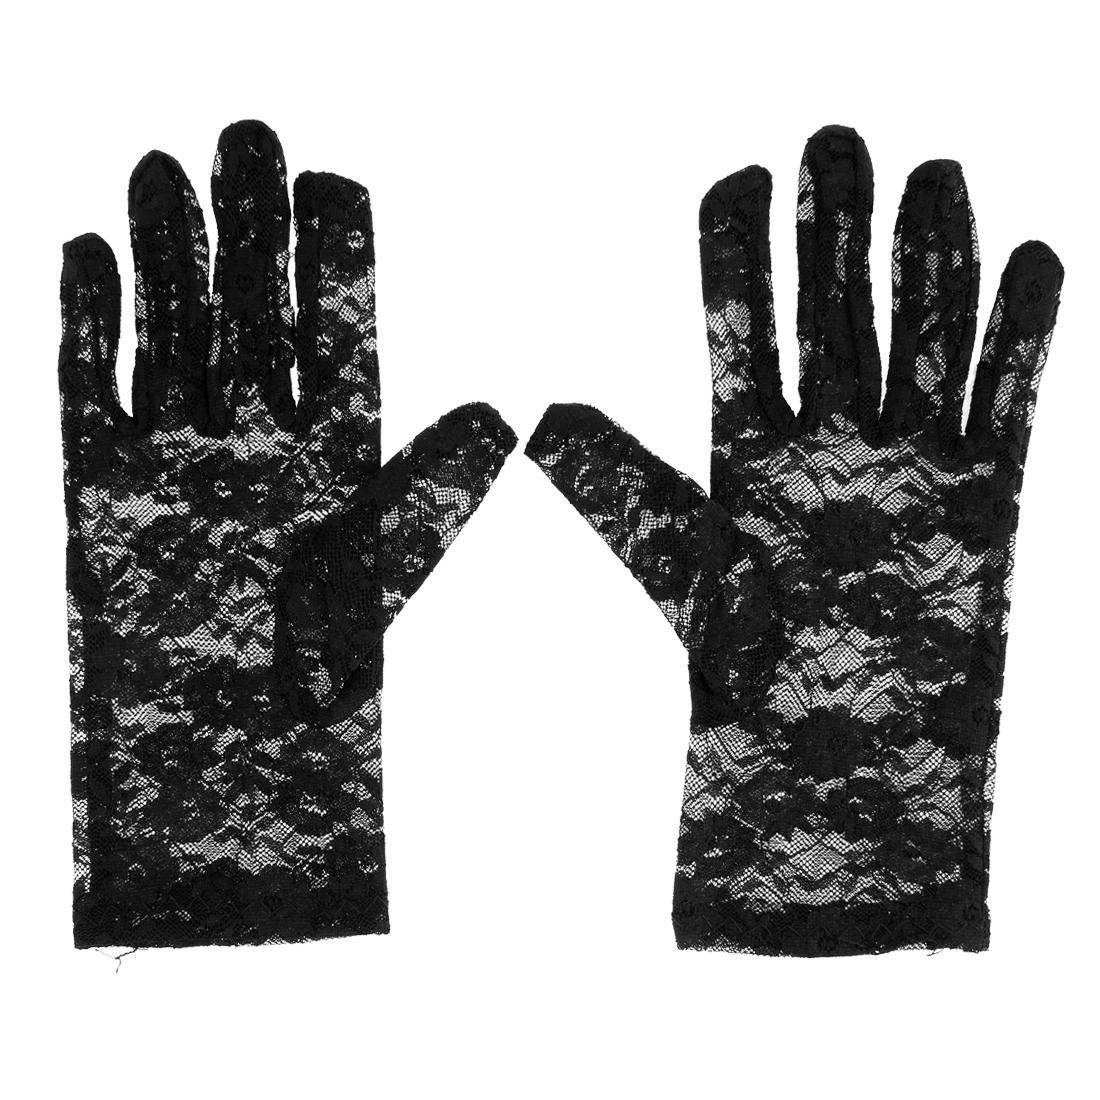 Women Full Finger Flower Lace Bridal Prom Wedding Driving Wrist Gloves Black Pair